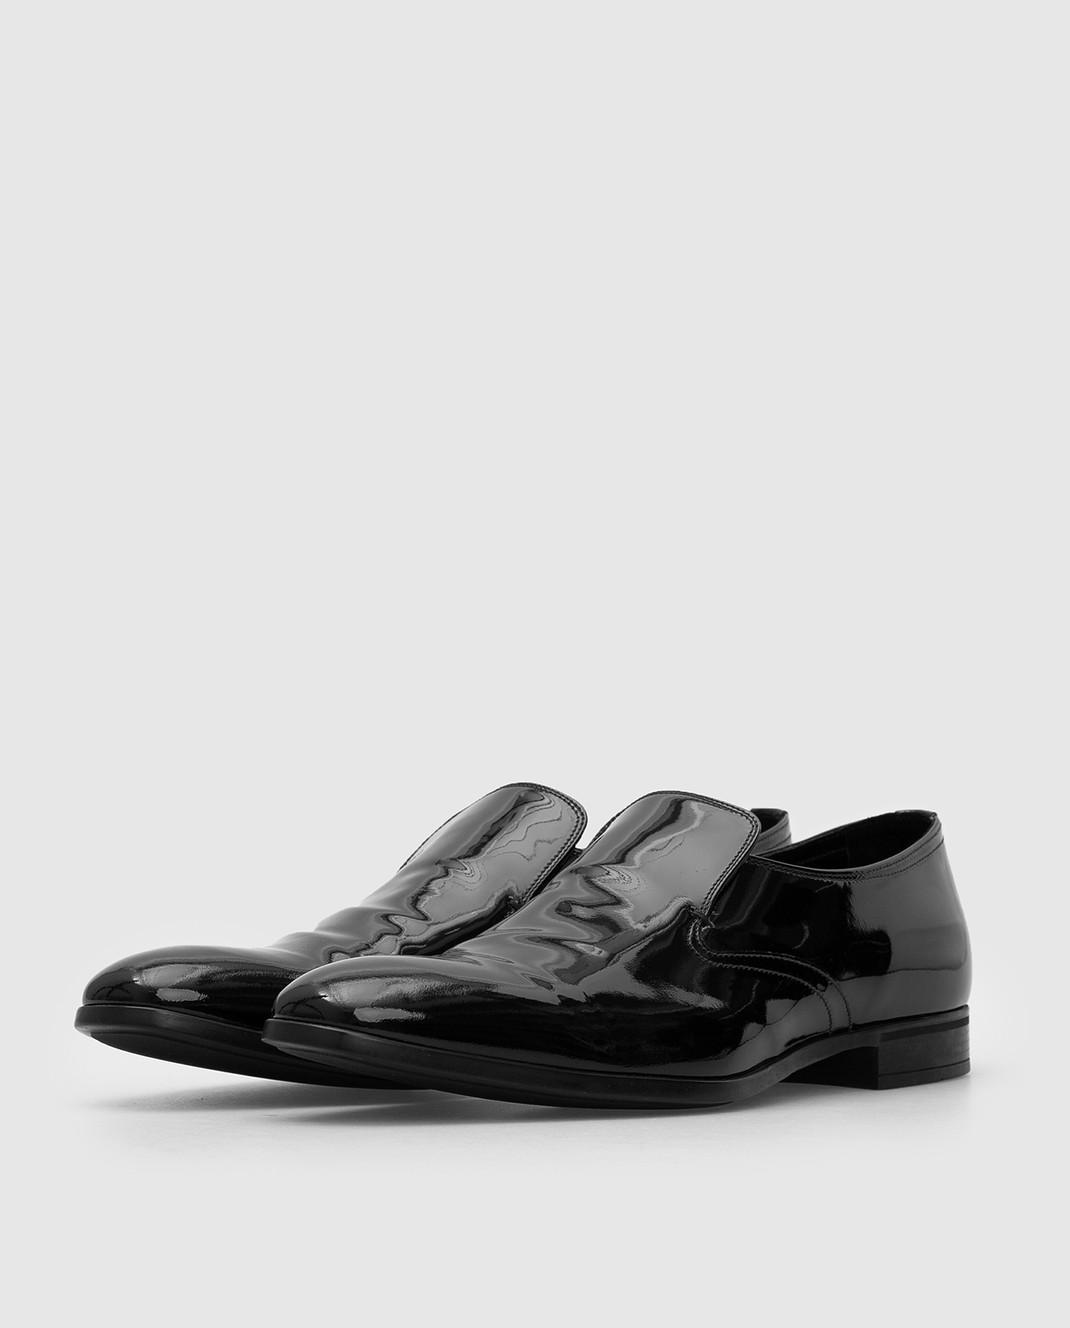 Prada Черные кожаные лоферы 2DC129 изображение 3